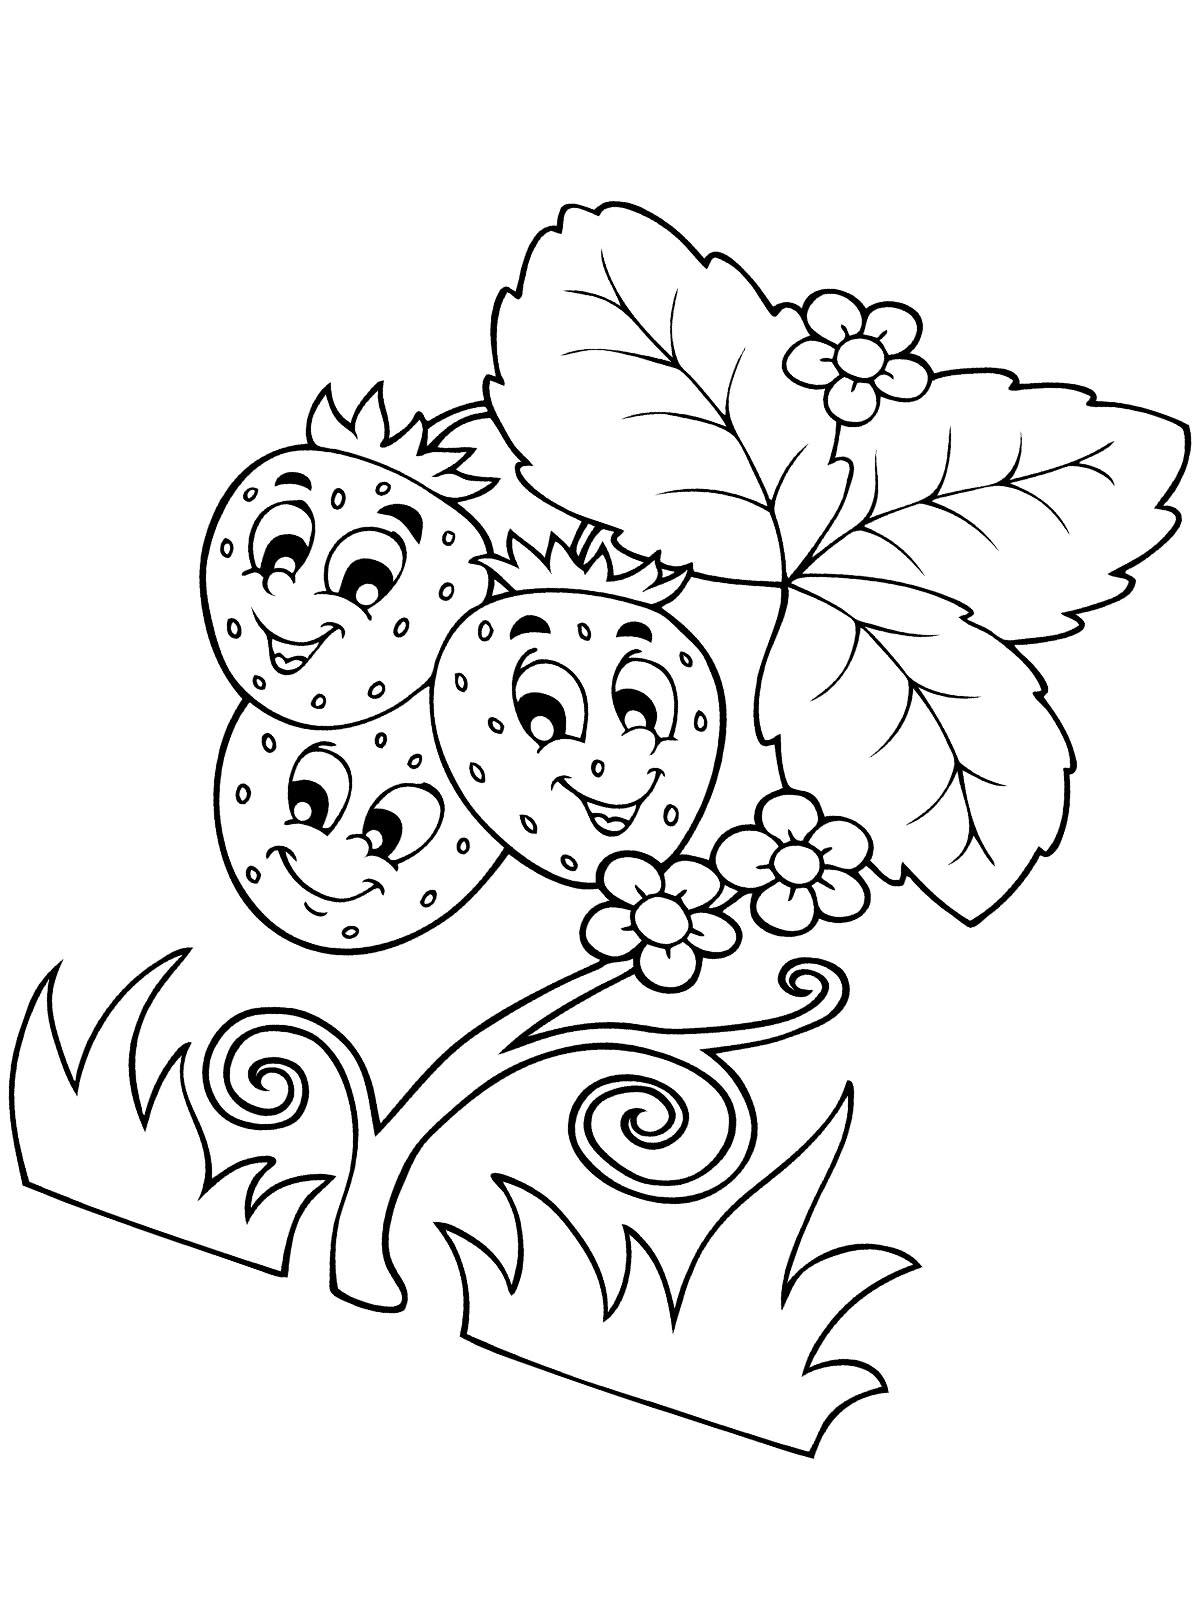 Ausmalbilder malvorlagen erdbeere kostenlos zum - Bilder zum verschicken gratis ...